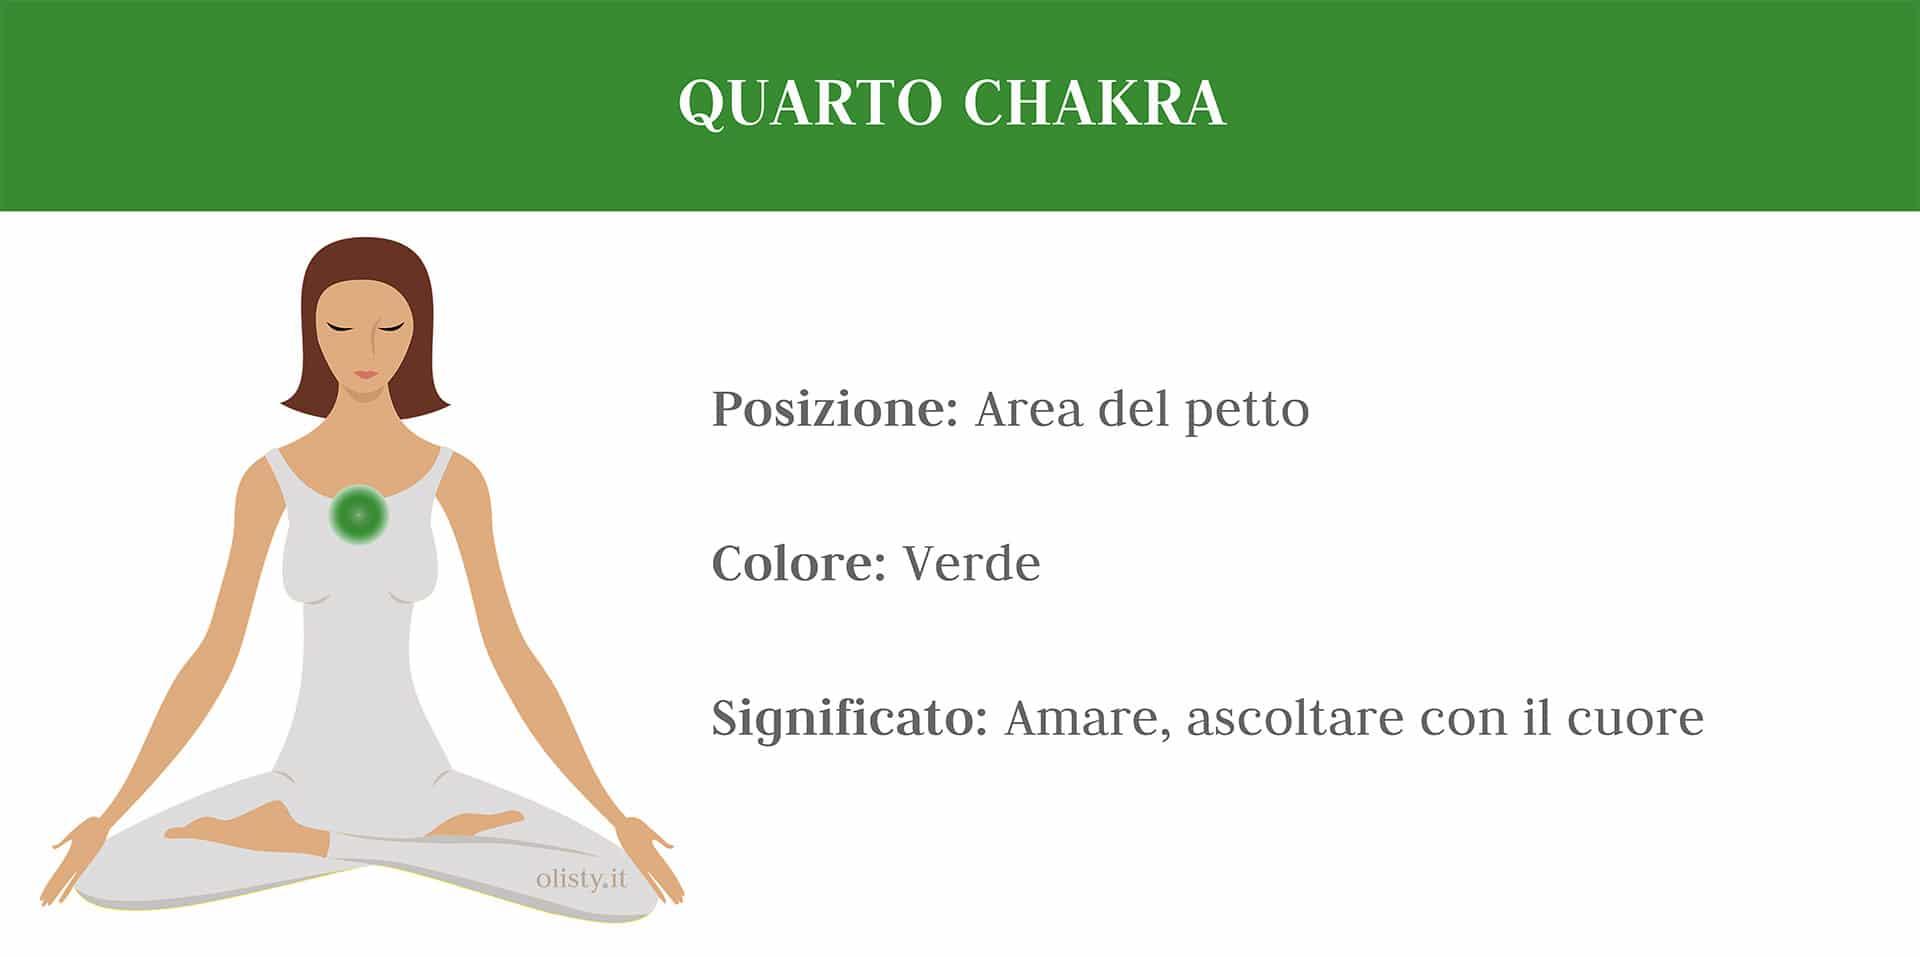 7 Chakra Medicina Tradizionale Cinese approccio olistico medicina alternativa Quarto Chakra